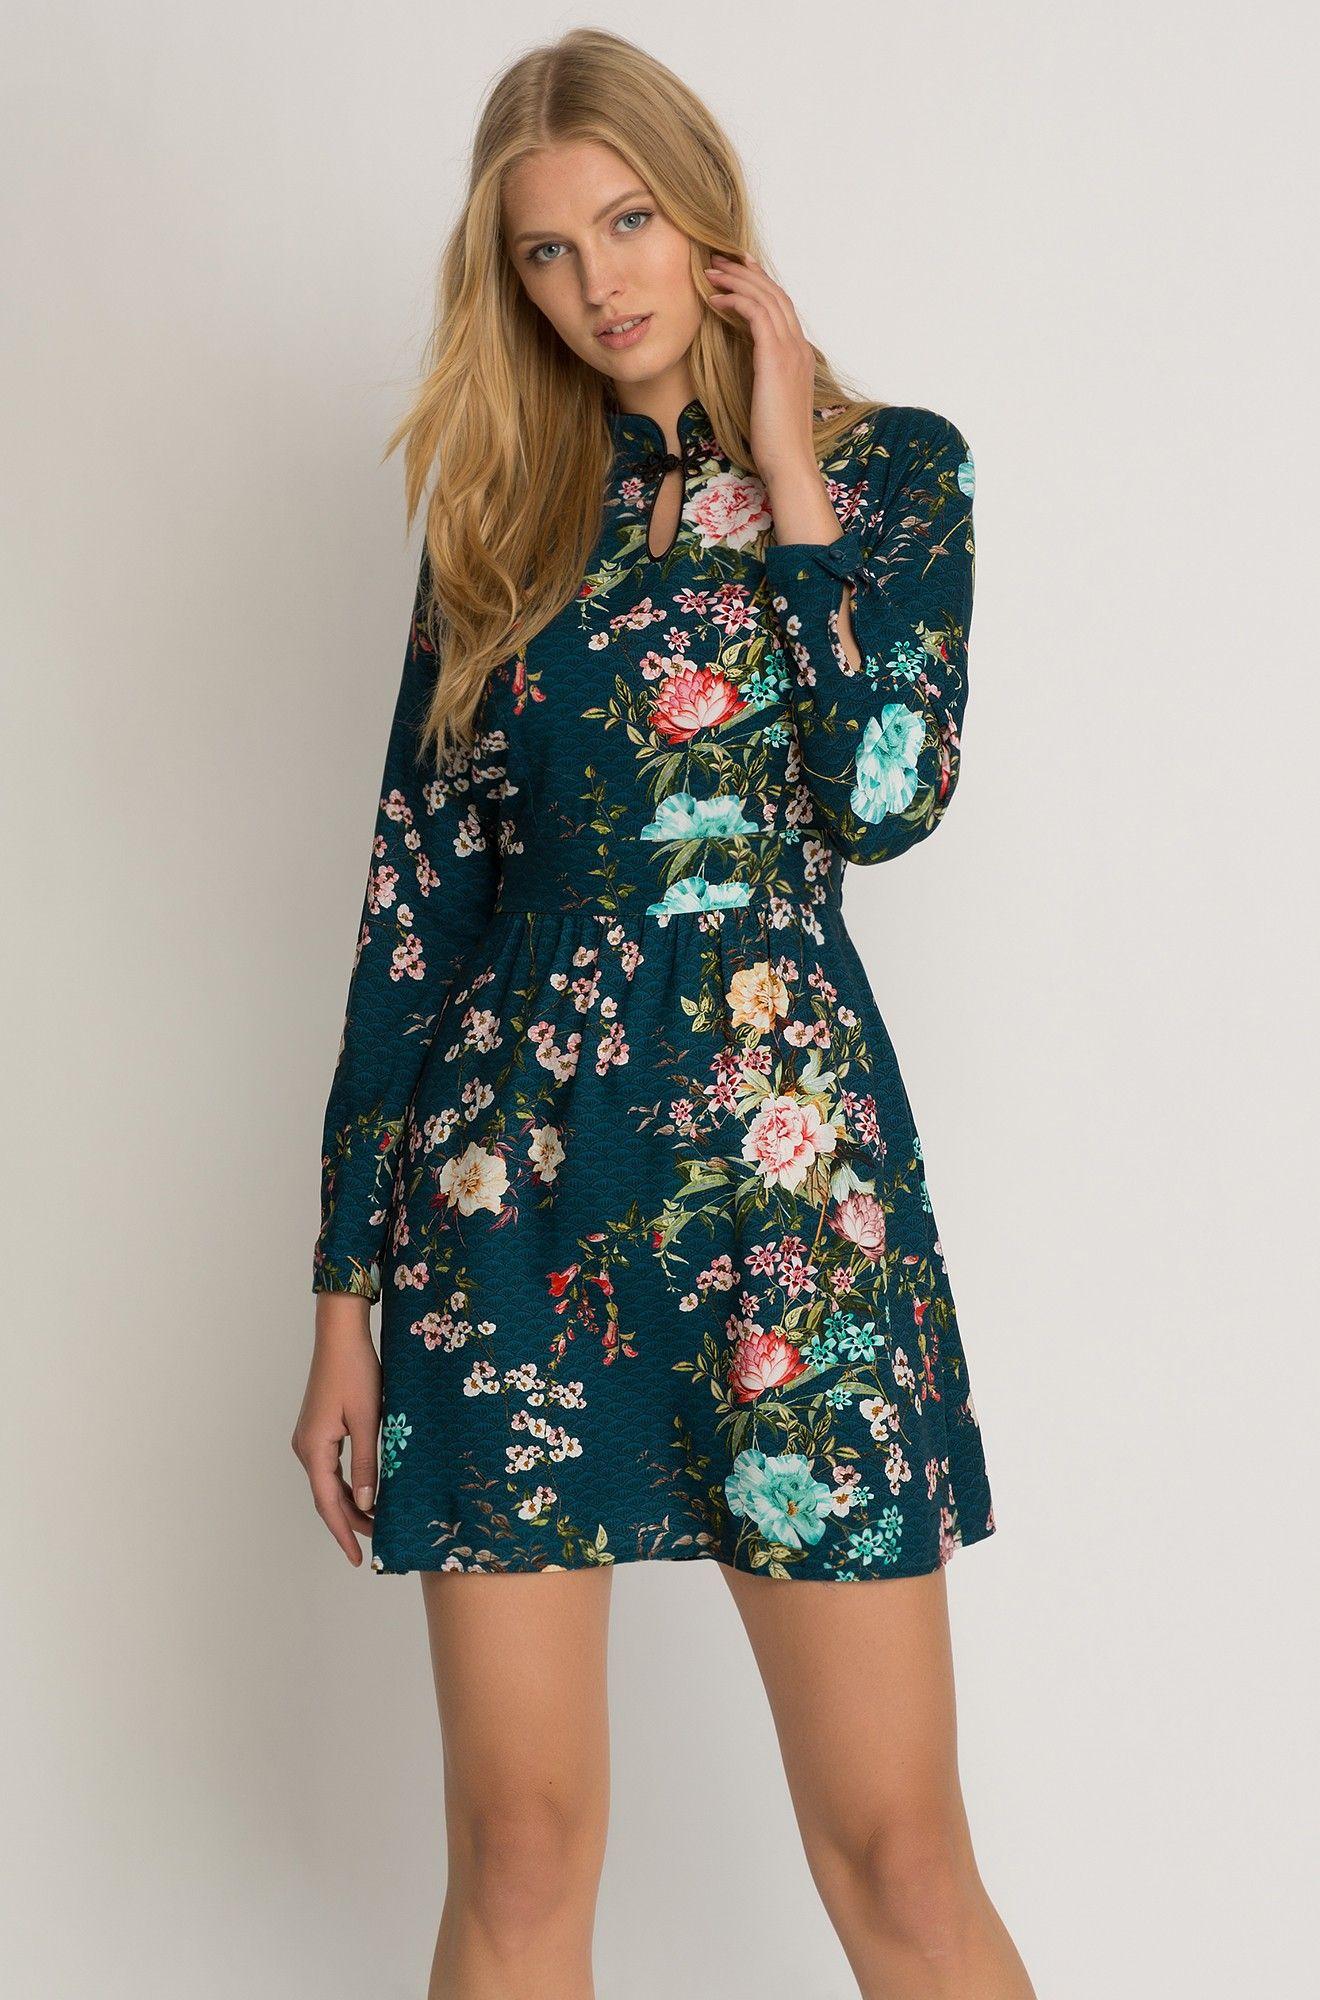 kleid mit blumen-muster | orsay | kleider damen